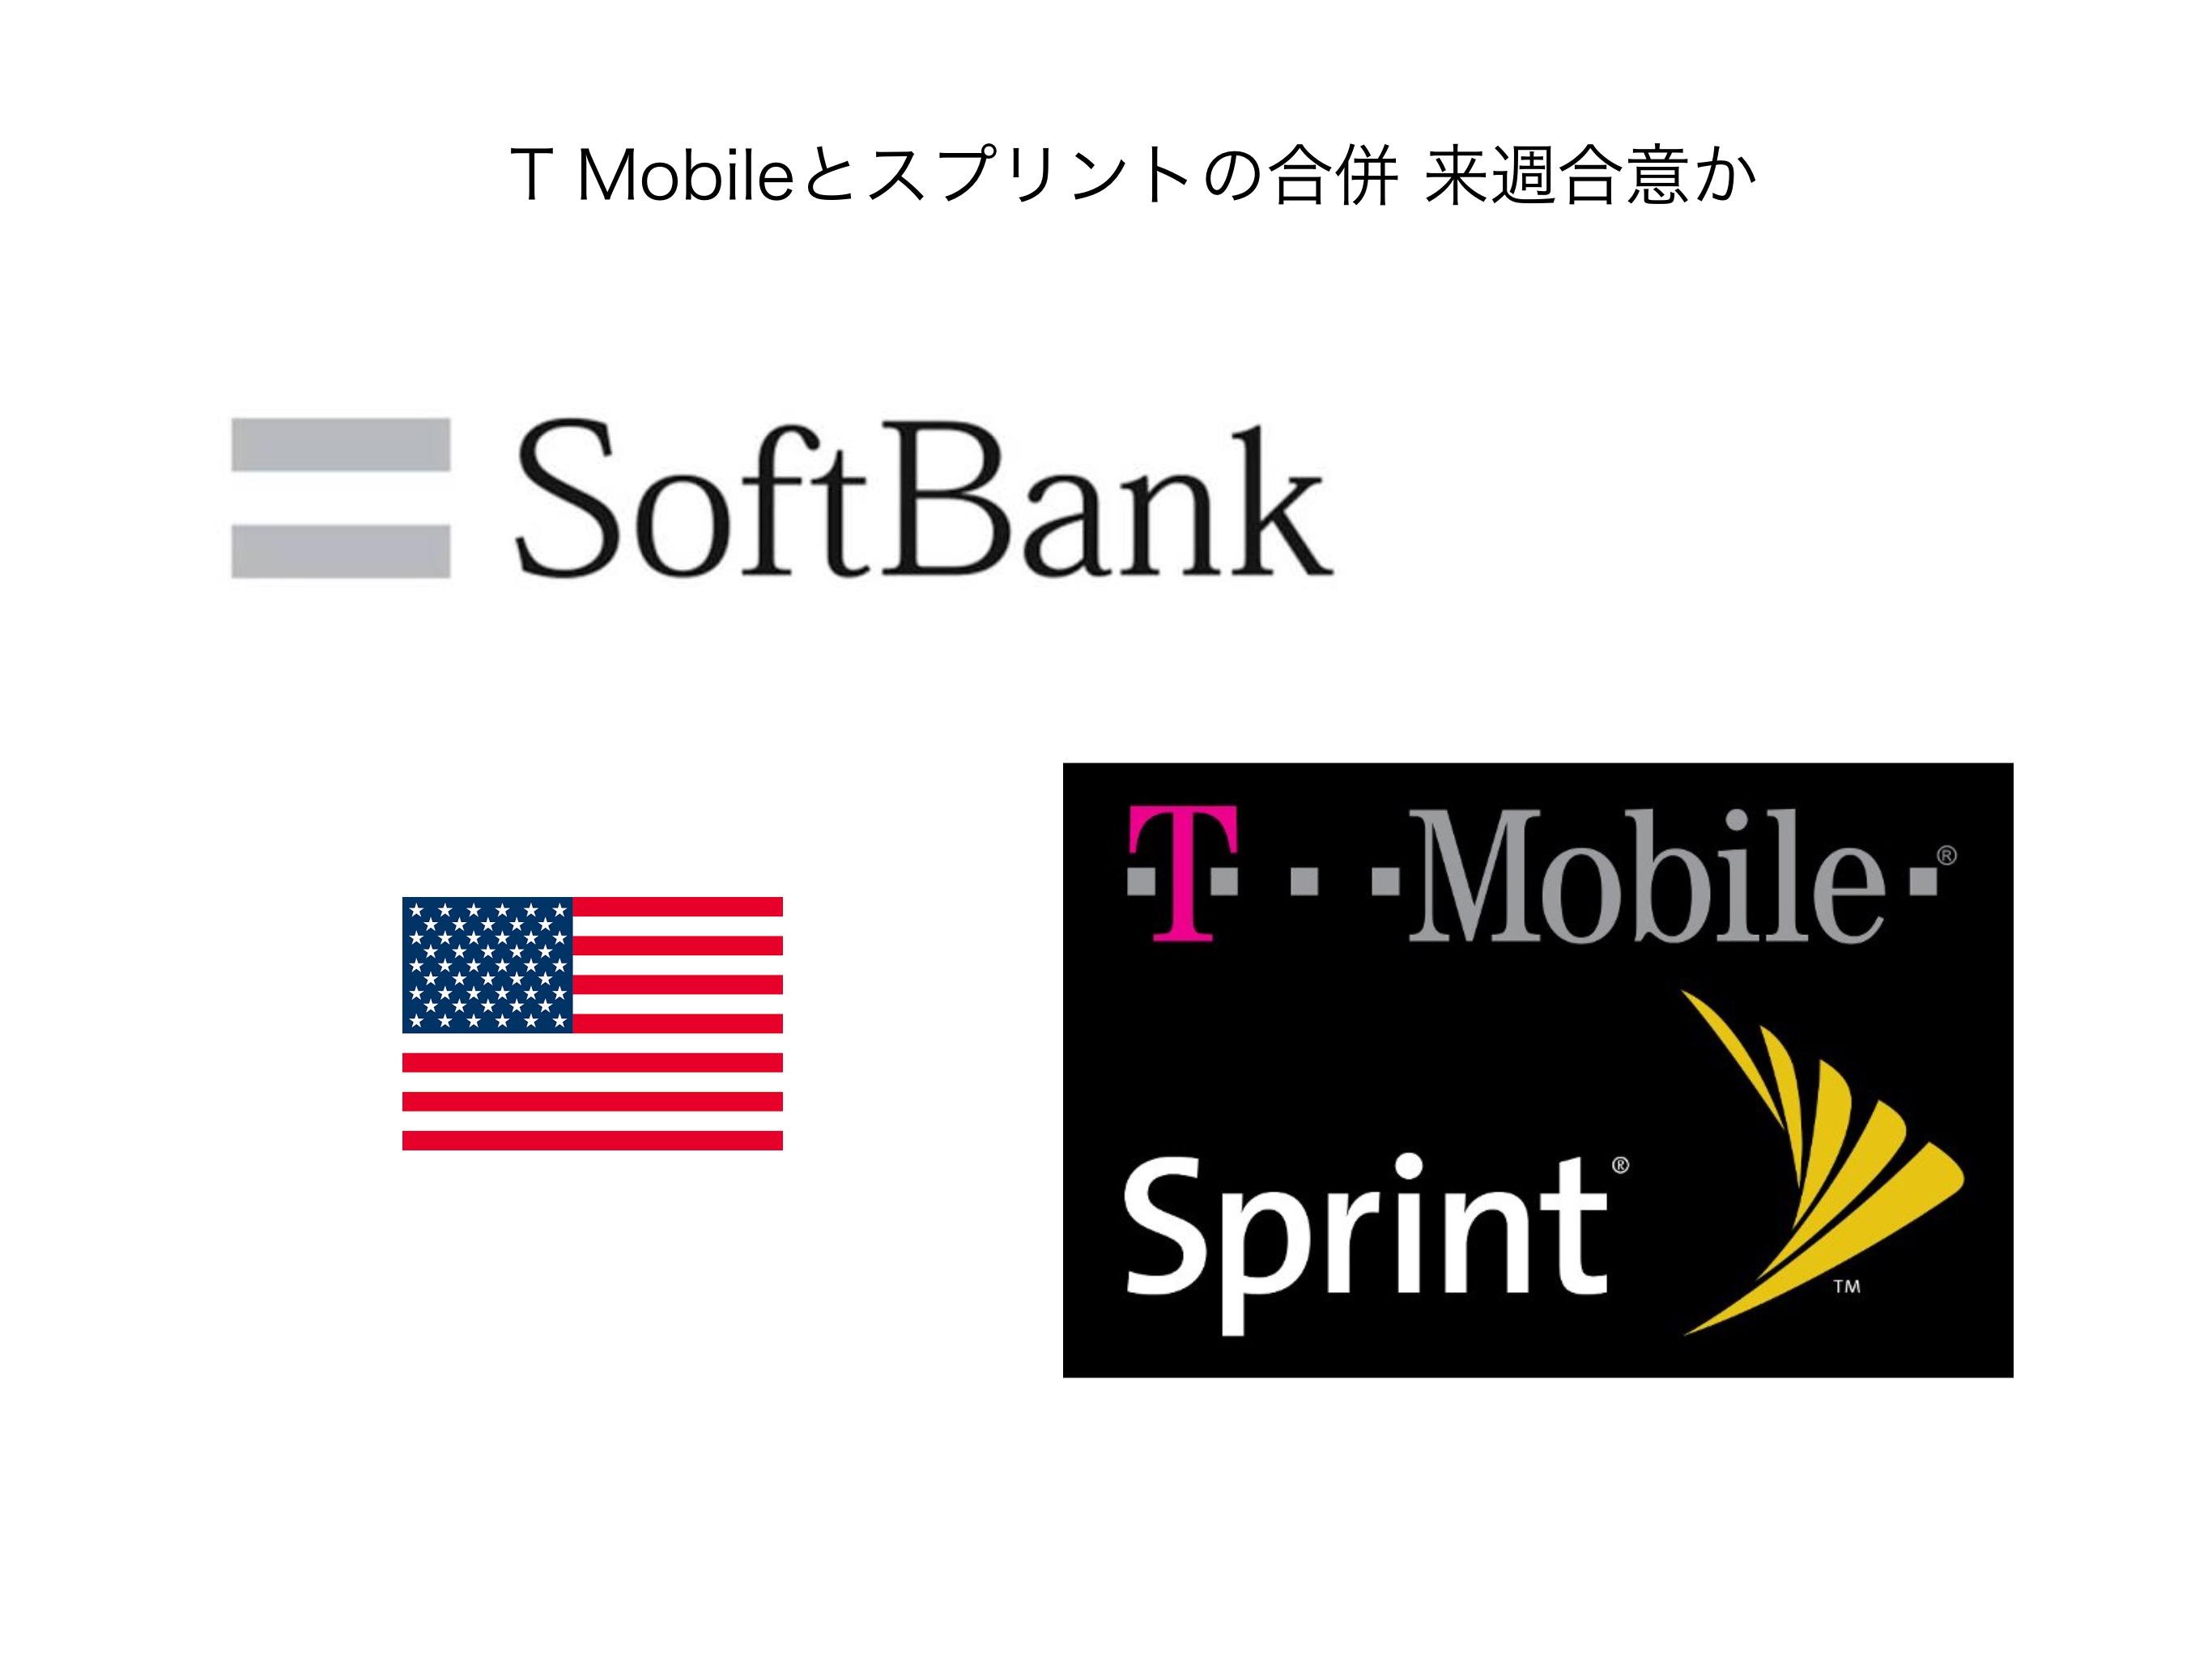 tモバイル スプリント合併